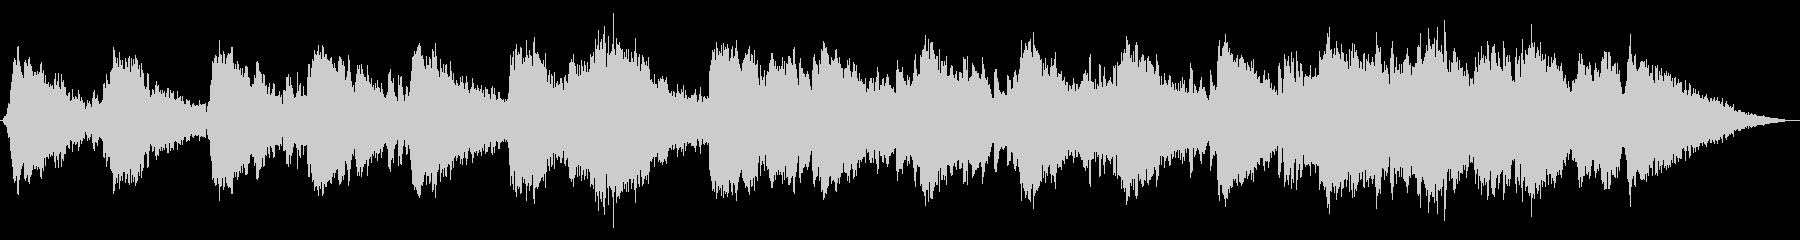 幻想的で少し不思議なシンセサイザー音楽の未再生の波形